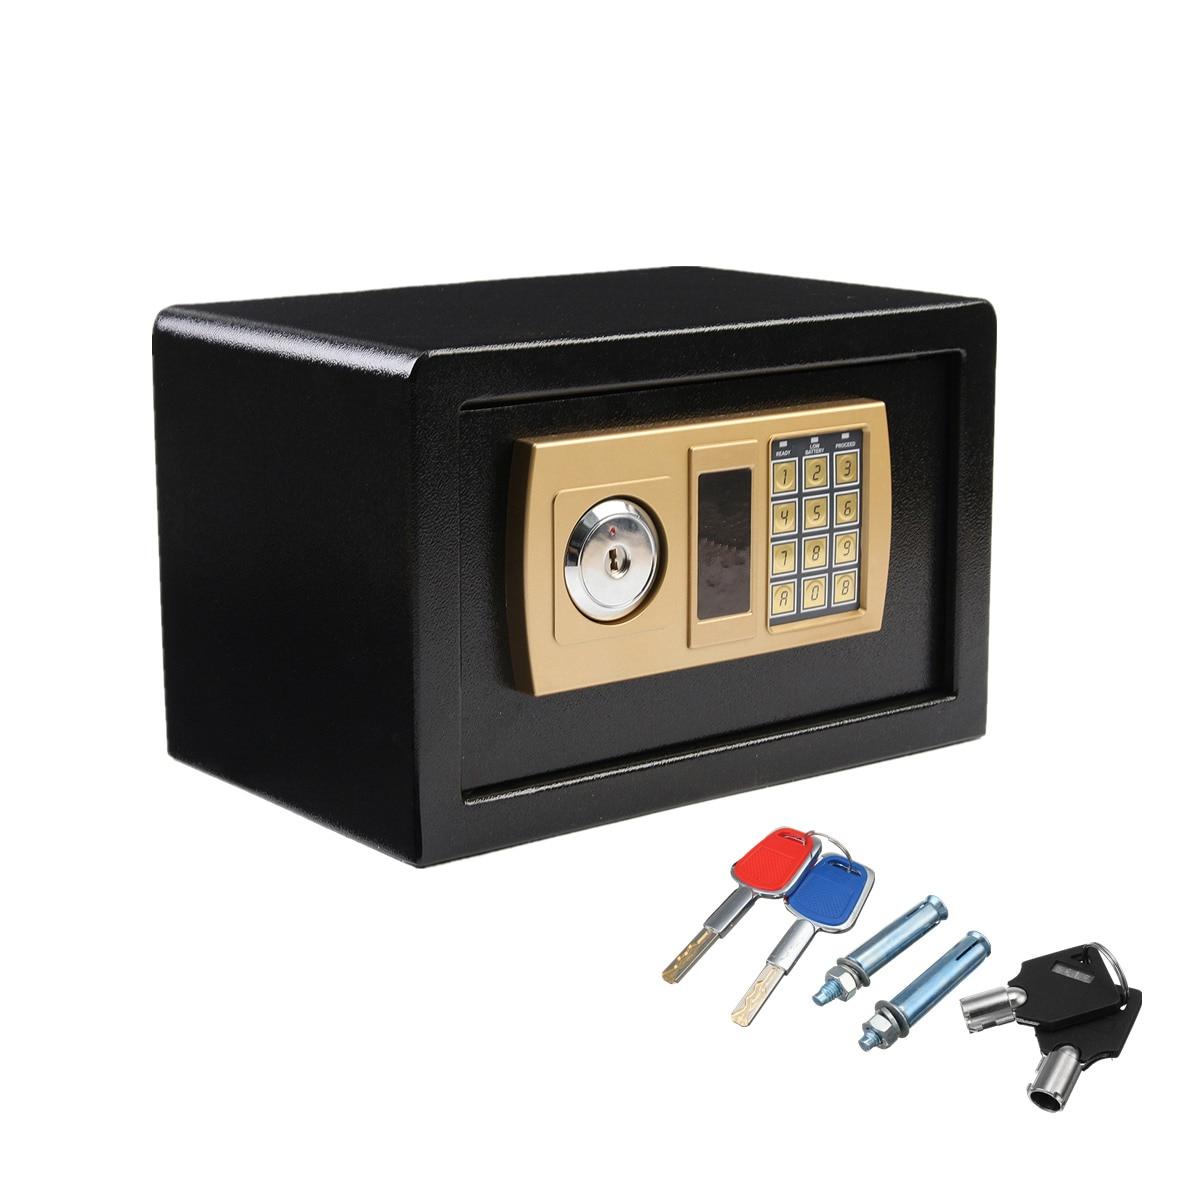 310x200x200 мм Цифровой депозитный сейф для драгоценностей, золотой электронный пароль, безопасная коробка для пожарной безопасности, горячая р...